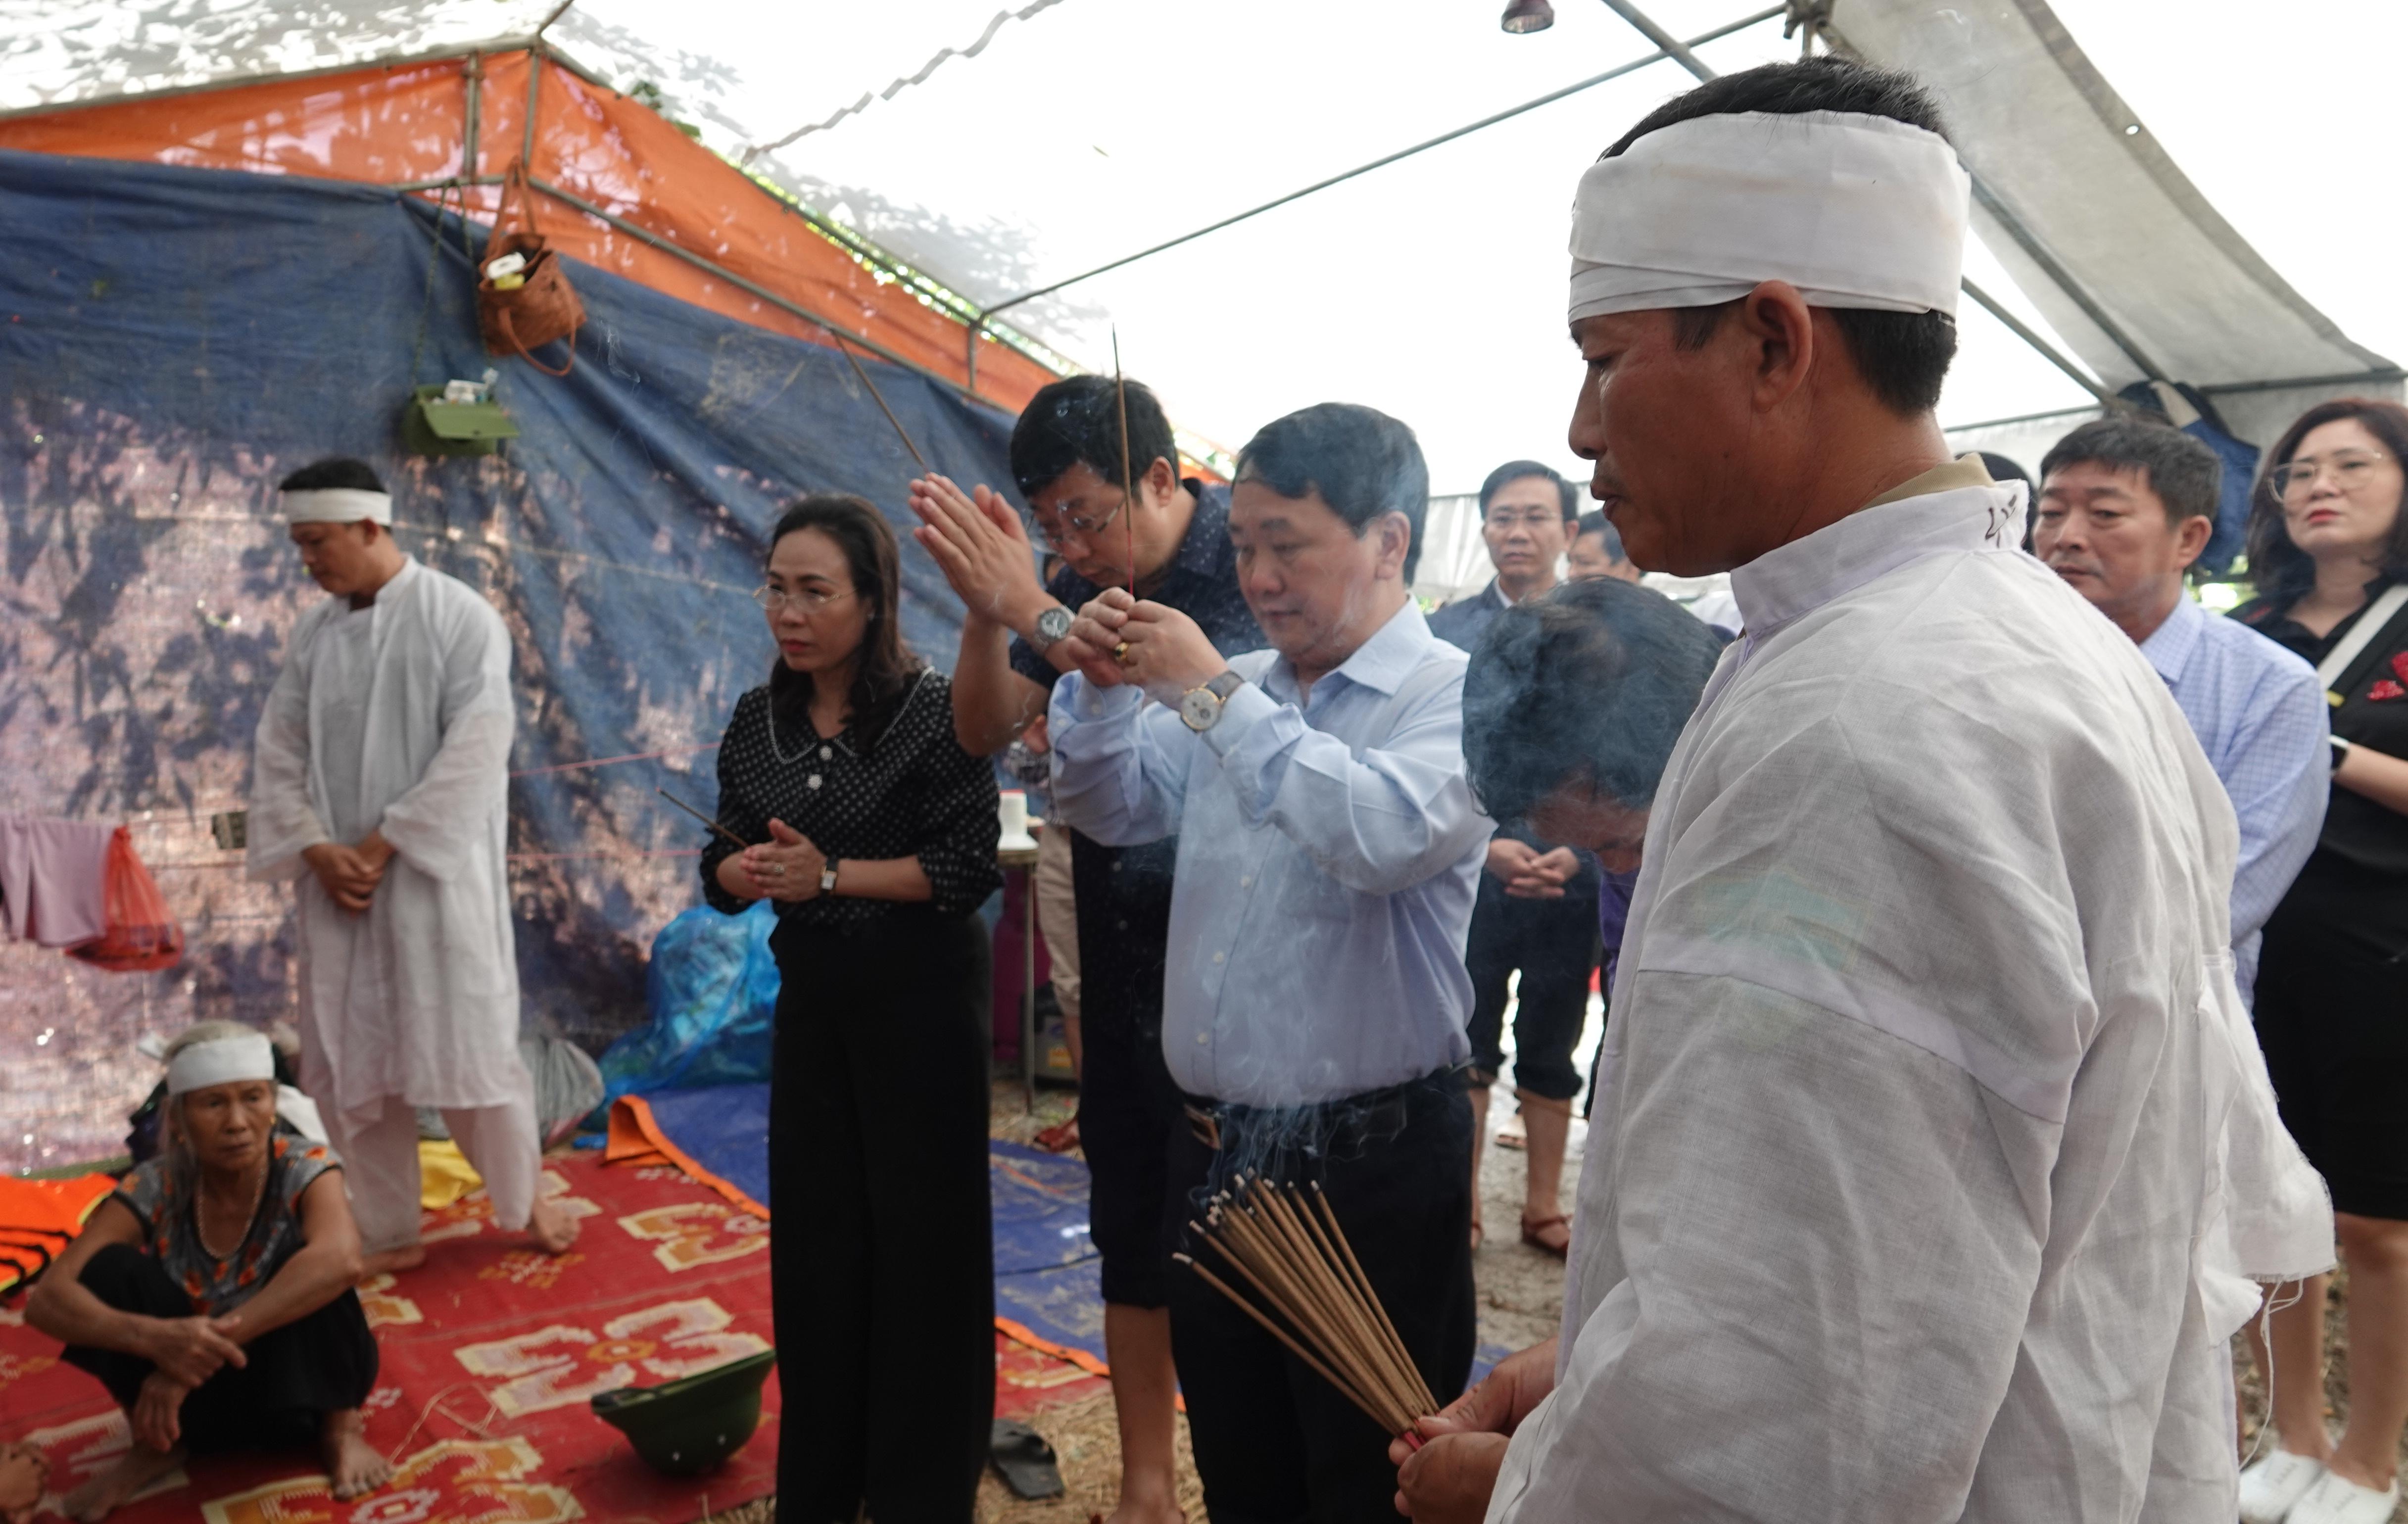 Trong quá trình chạy lũ, chồng chị Hồng là anh Nguyễn Văn Song đã bị đuối nước.